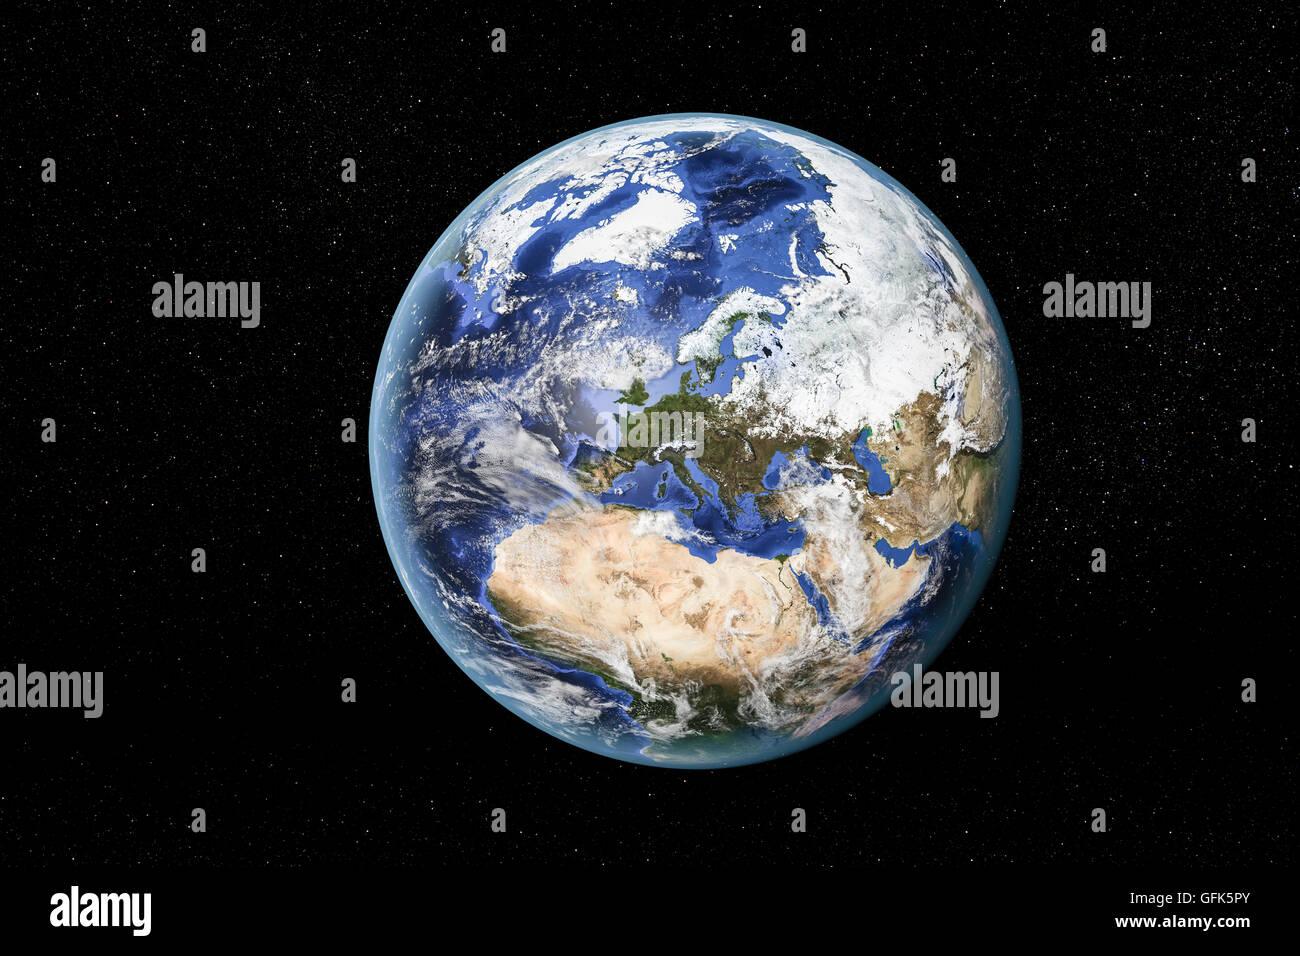 Vue détaillée de la Terre de l'espace, montrant l'Afrique du Nord, en Europe et au Moyen-Orient. Photo Stock